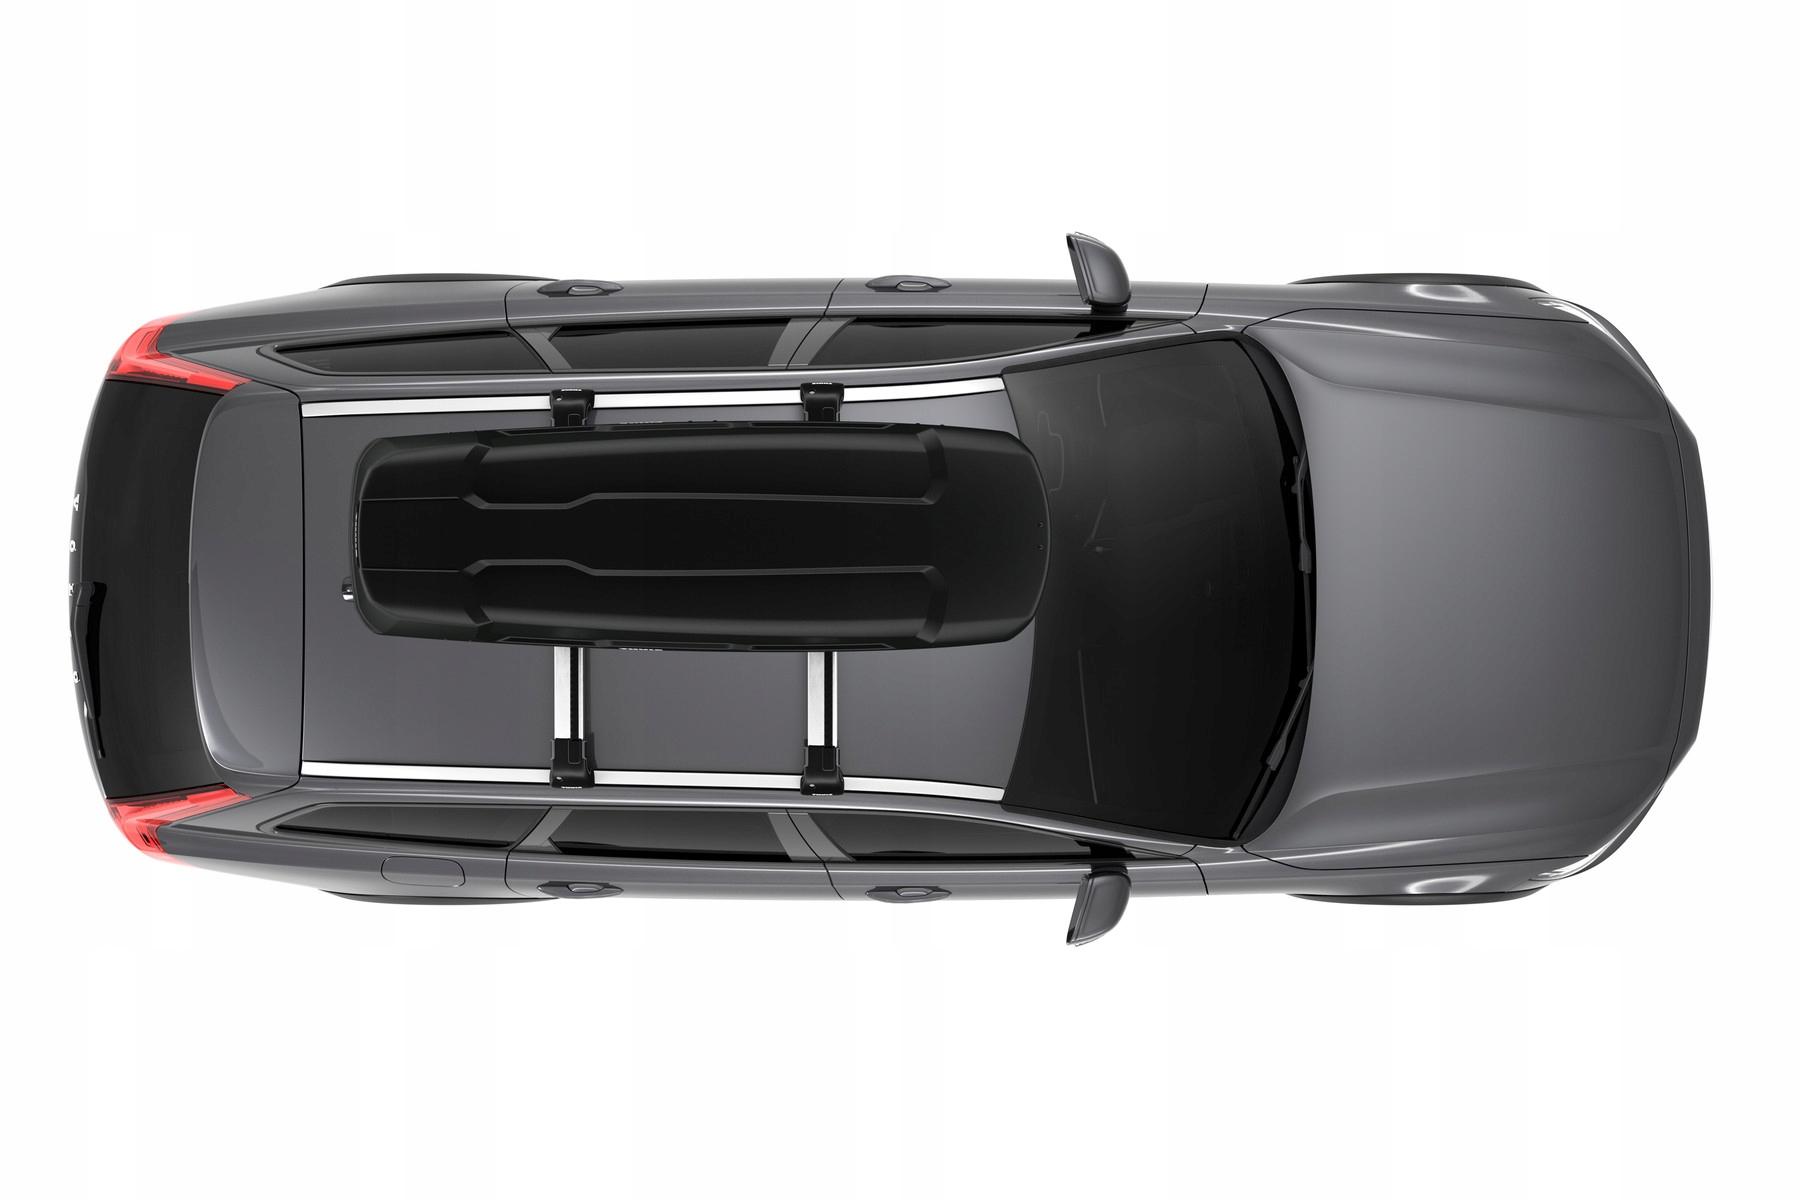 Bagażnik na dach BOKS KUFER THULE FORCE XT SPORT Model Force XT Sport